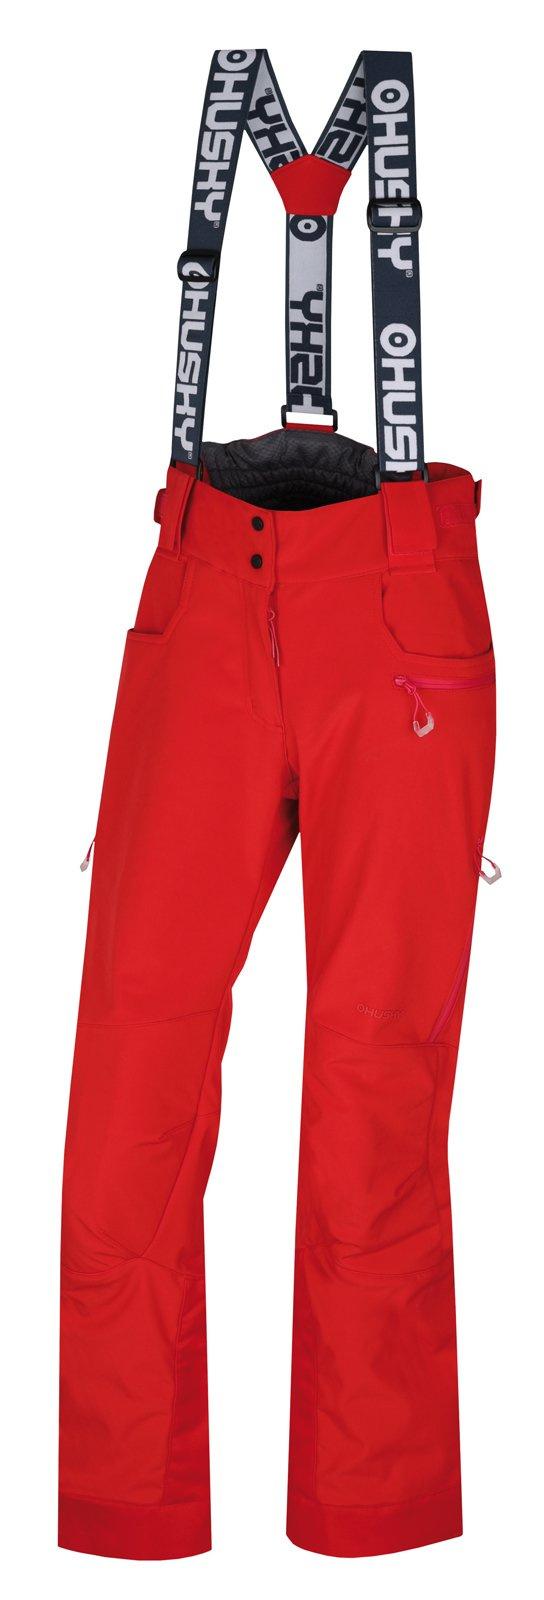 Husky Galti L jemná červená, XL Dámske lyžiarske nohavice